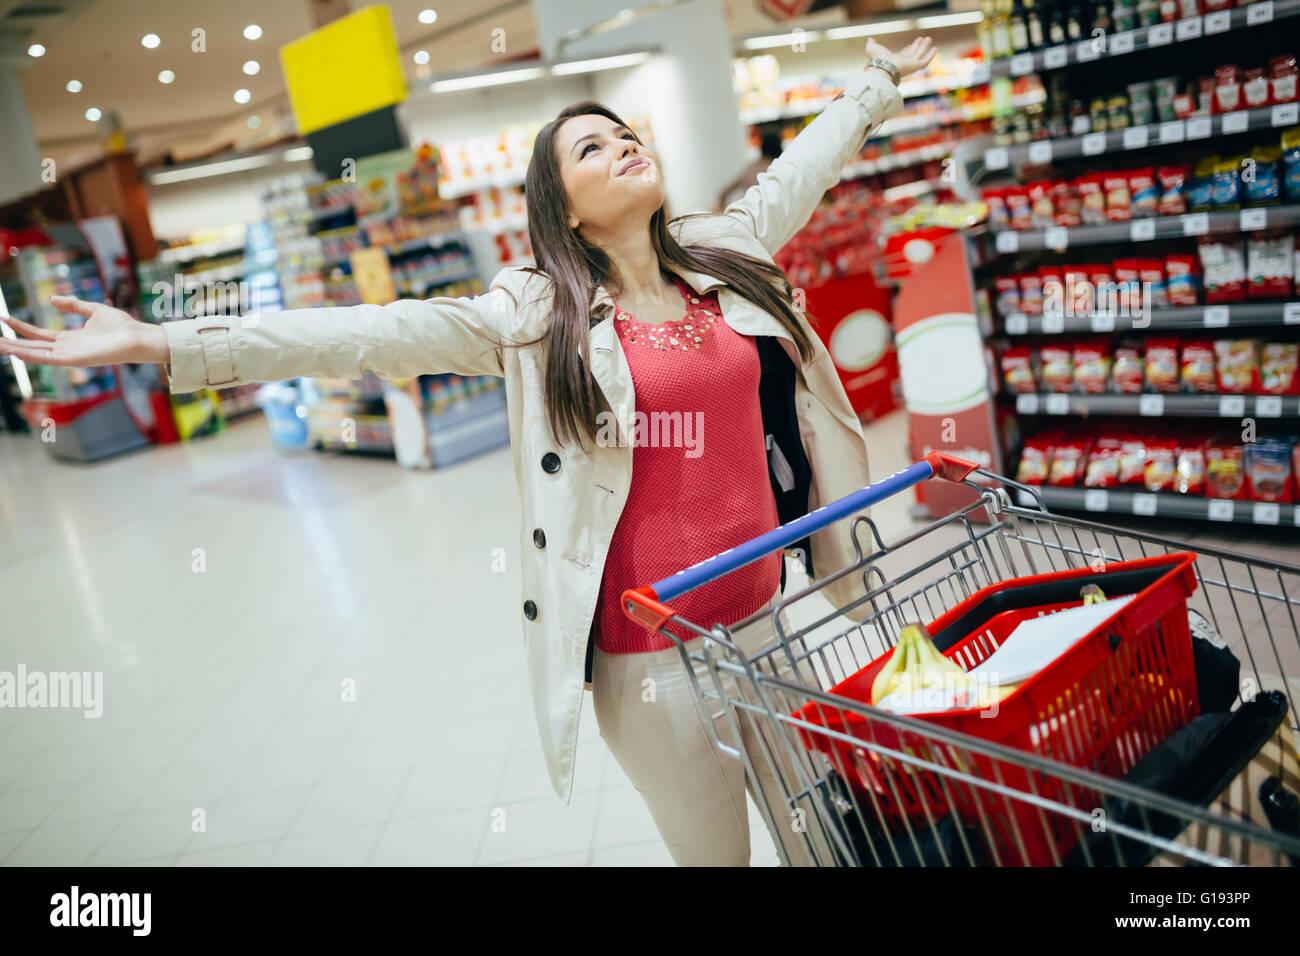 Frau glücklich beim Einkaufen im Supermarkt Stockbild